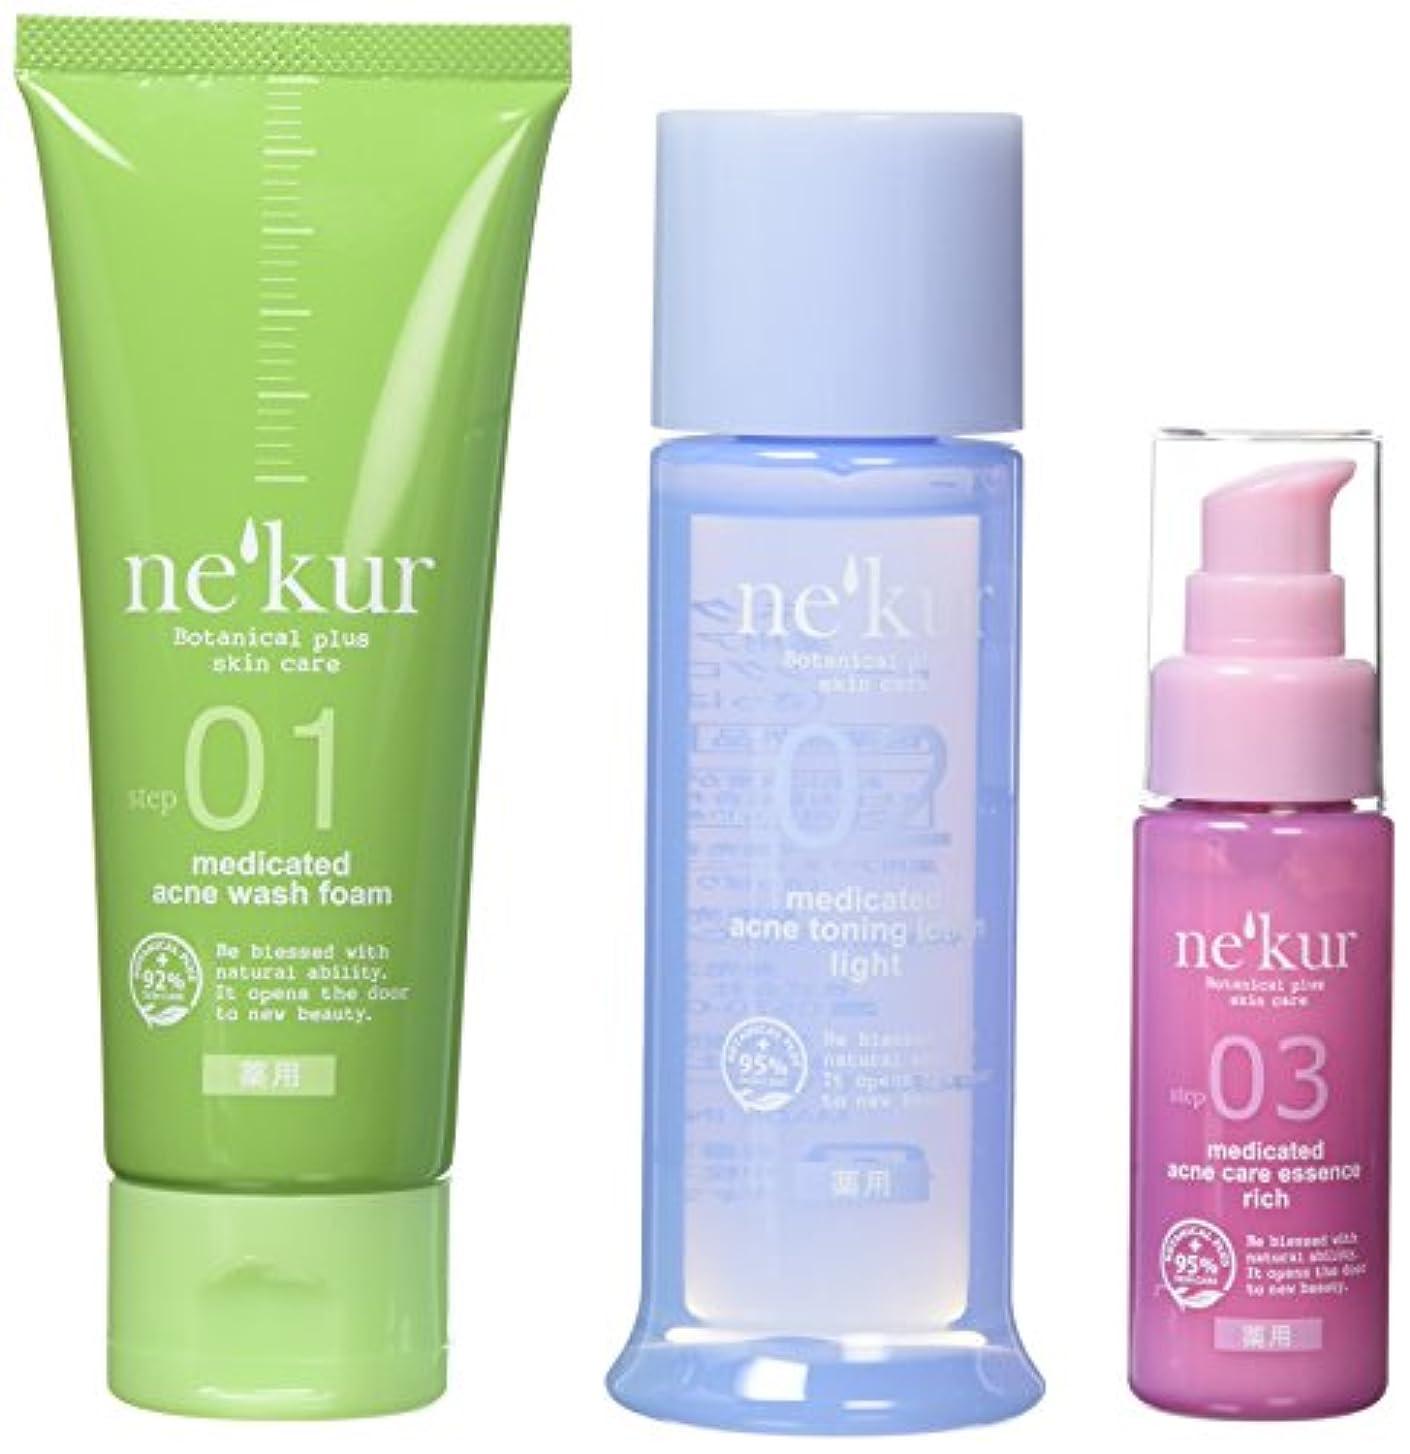 する必要がある窒素であることネクア(nekur) ボタニカルプラススキンケア 薬用アクネ洗顔3点セット ドライ混合肌セット [医薬部外品]